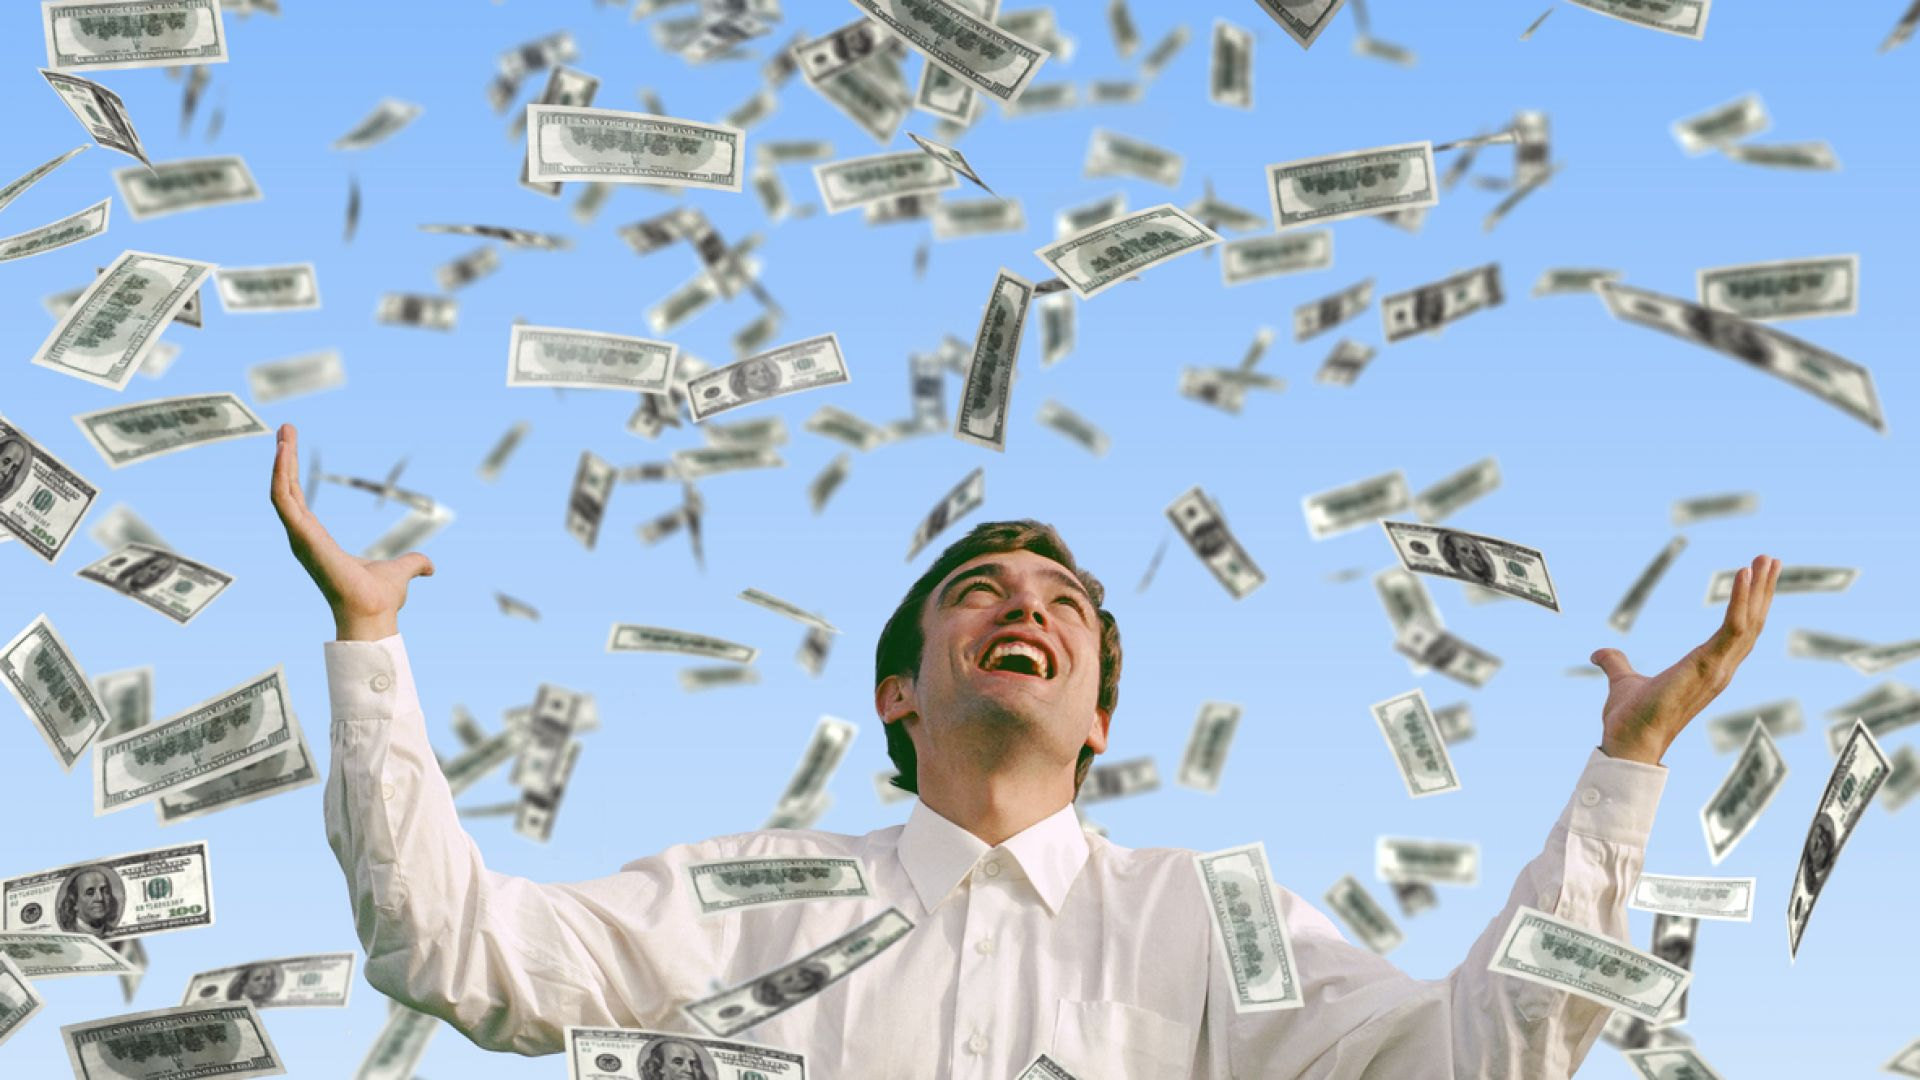 Щастие с пари (все пак) се купува...